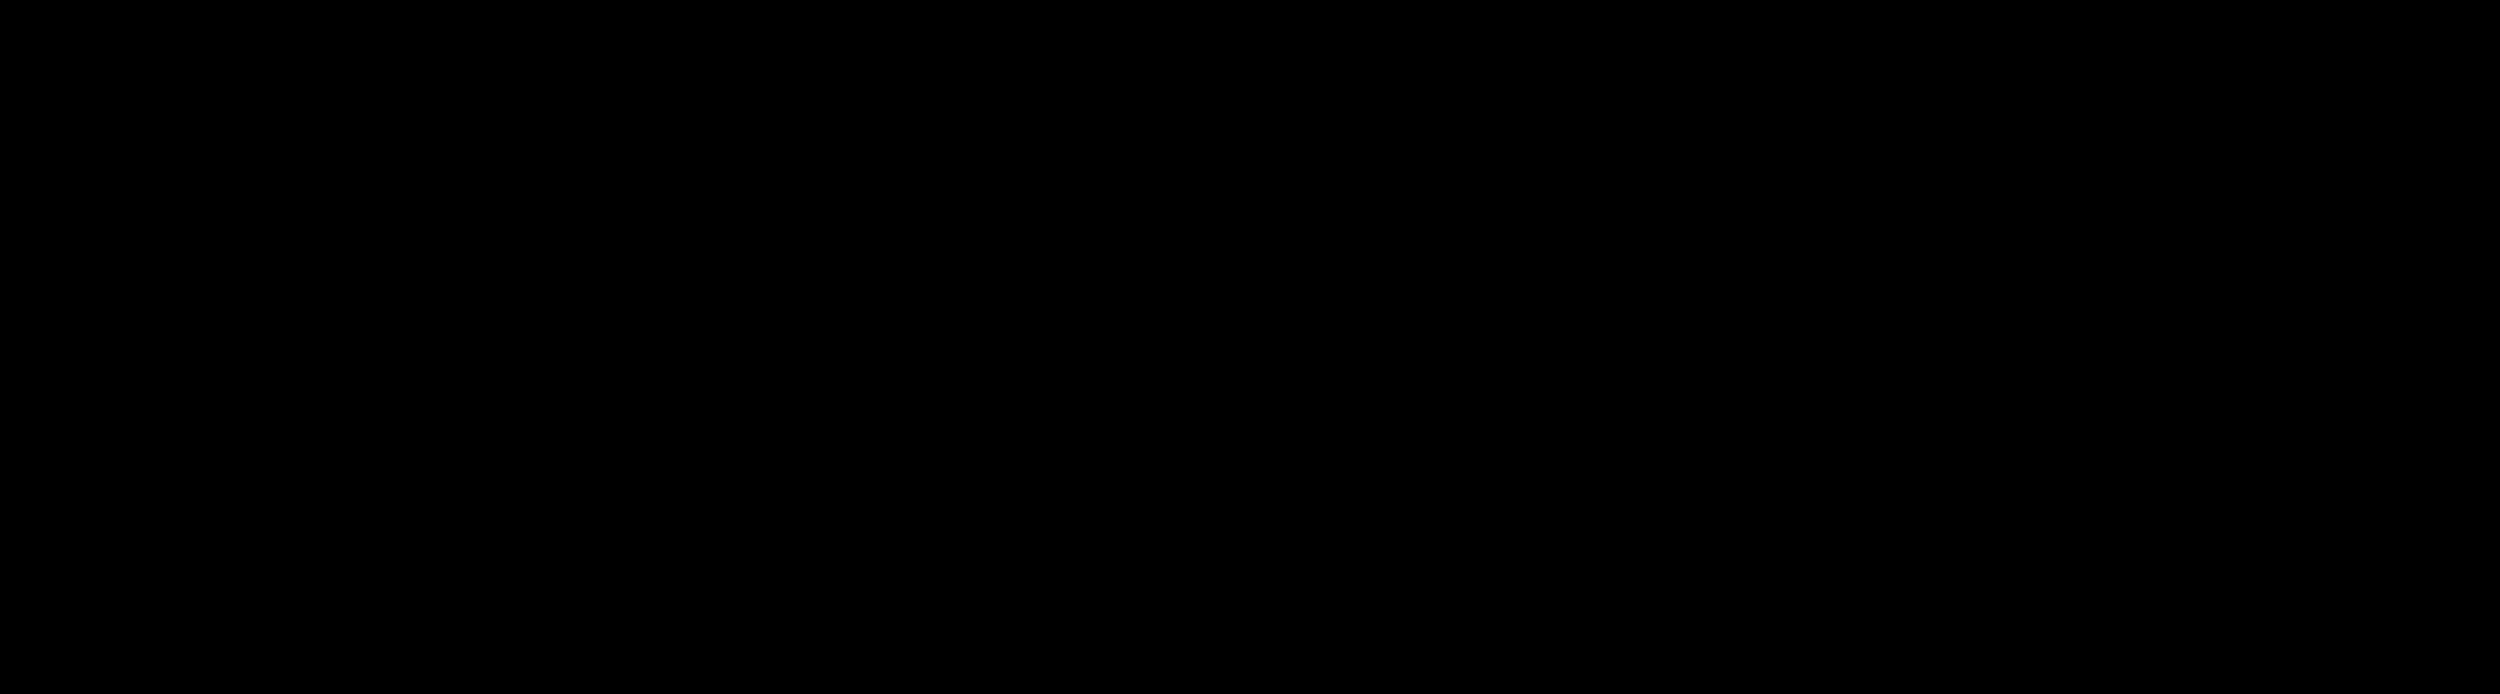 eTax Credit Exchange-logo-black (3).png